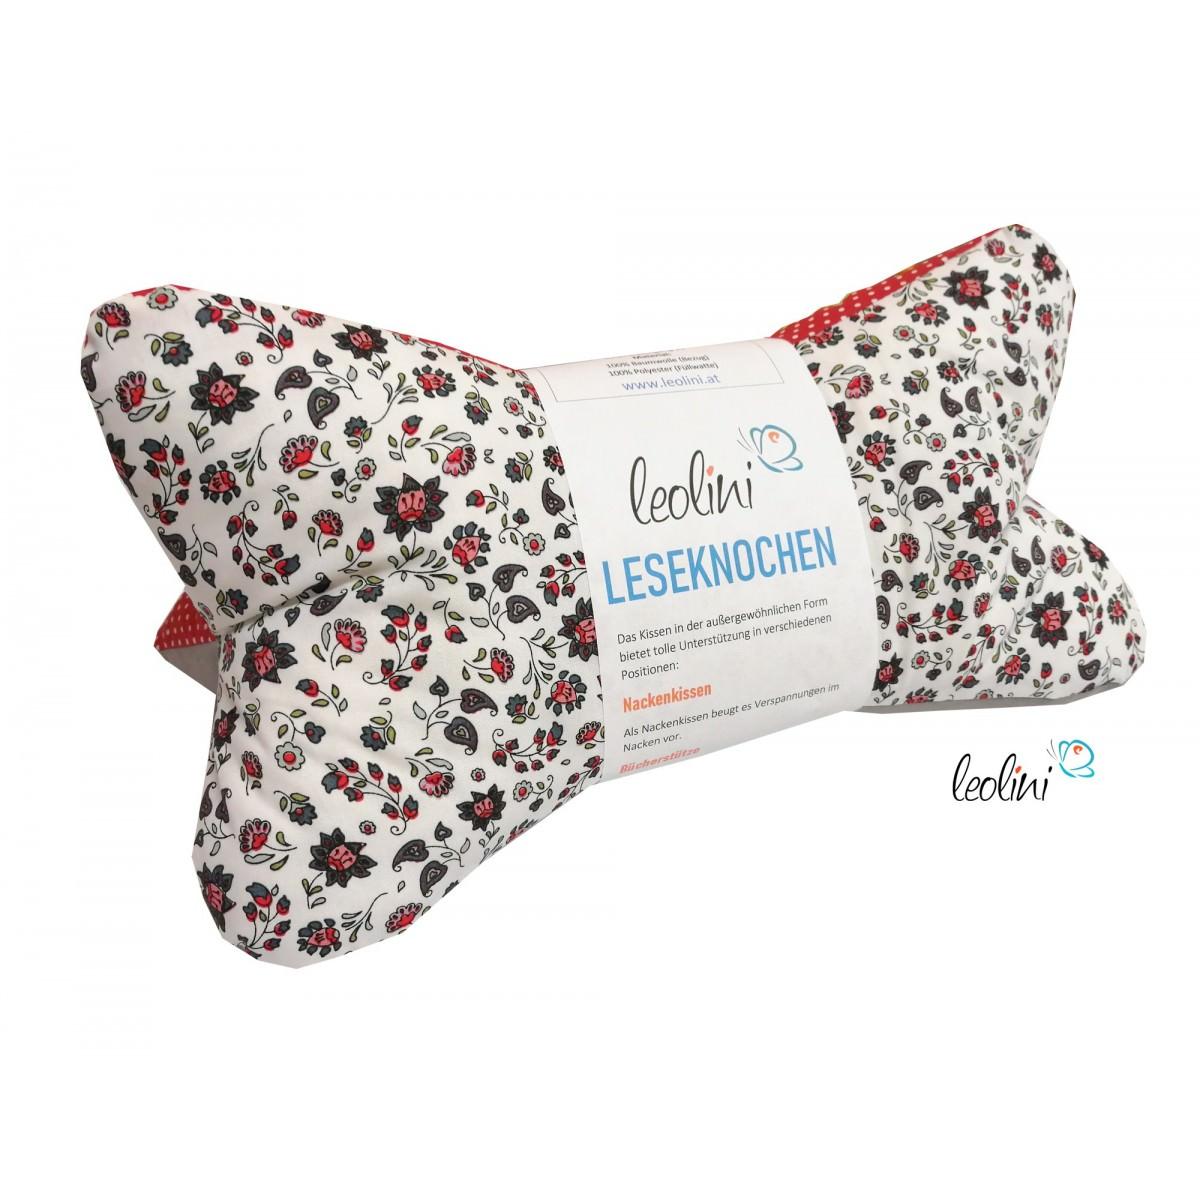 Leseknochen - Lesekissen von Leolini Blumen vintage